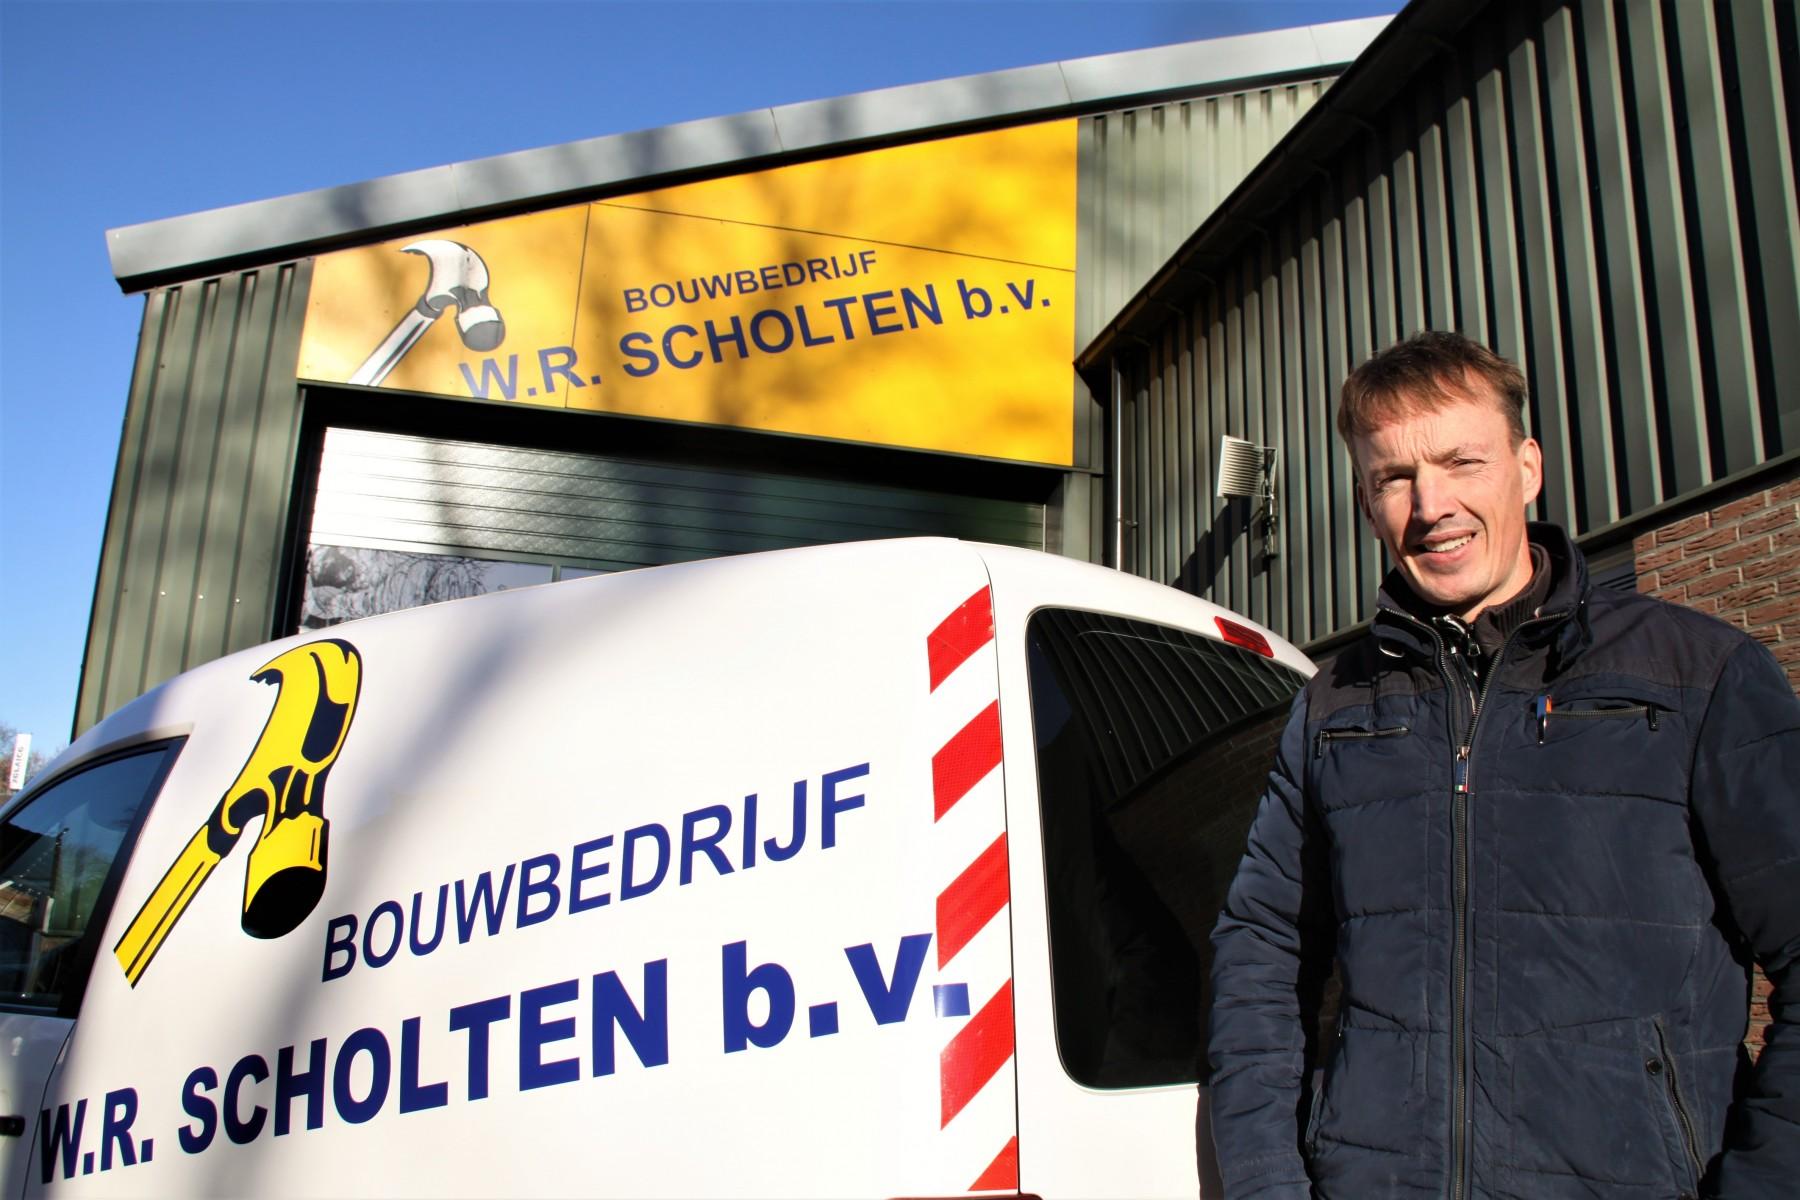 Foto van Johan Scholten bij Bouwbedrijf Scholten